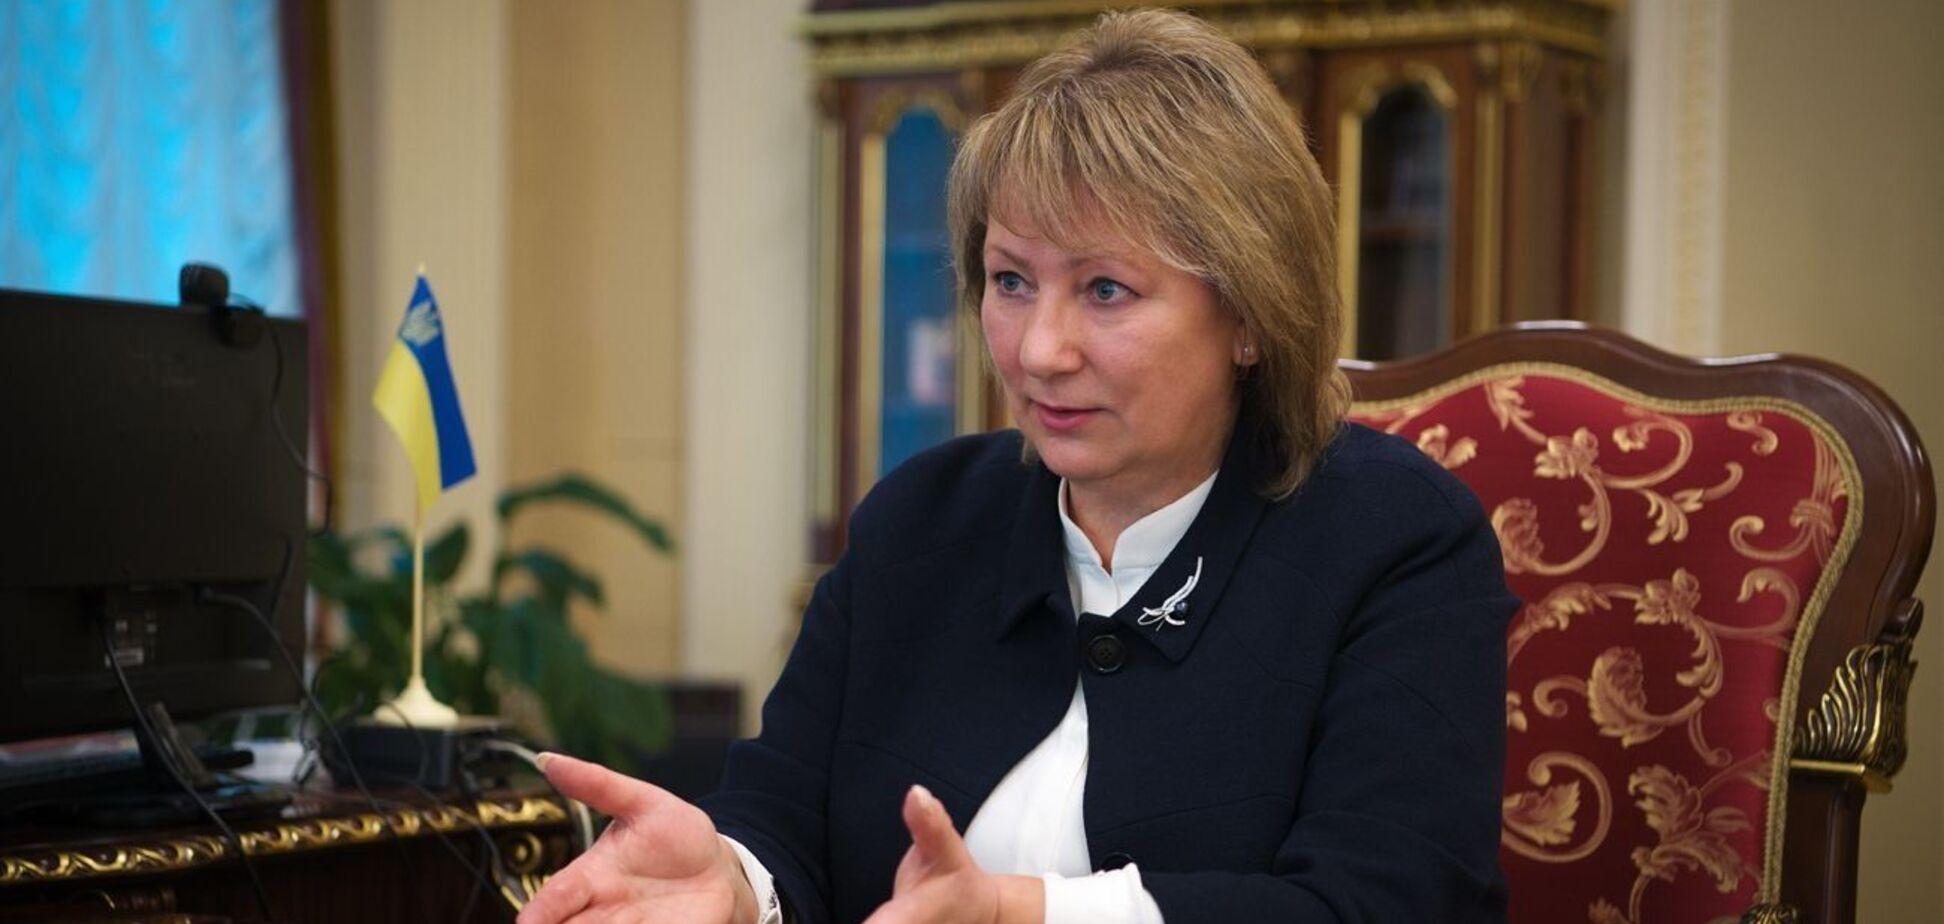 Судья Данишевская заработала 500 тысяч гривен за июль